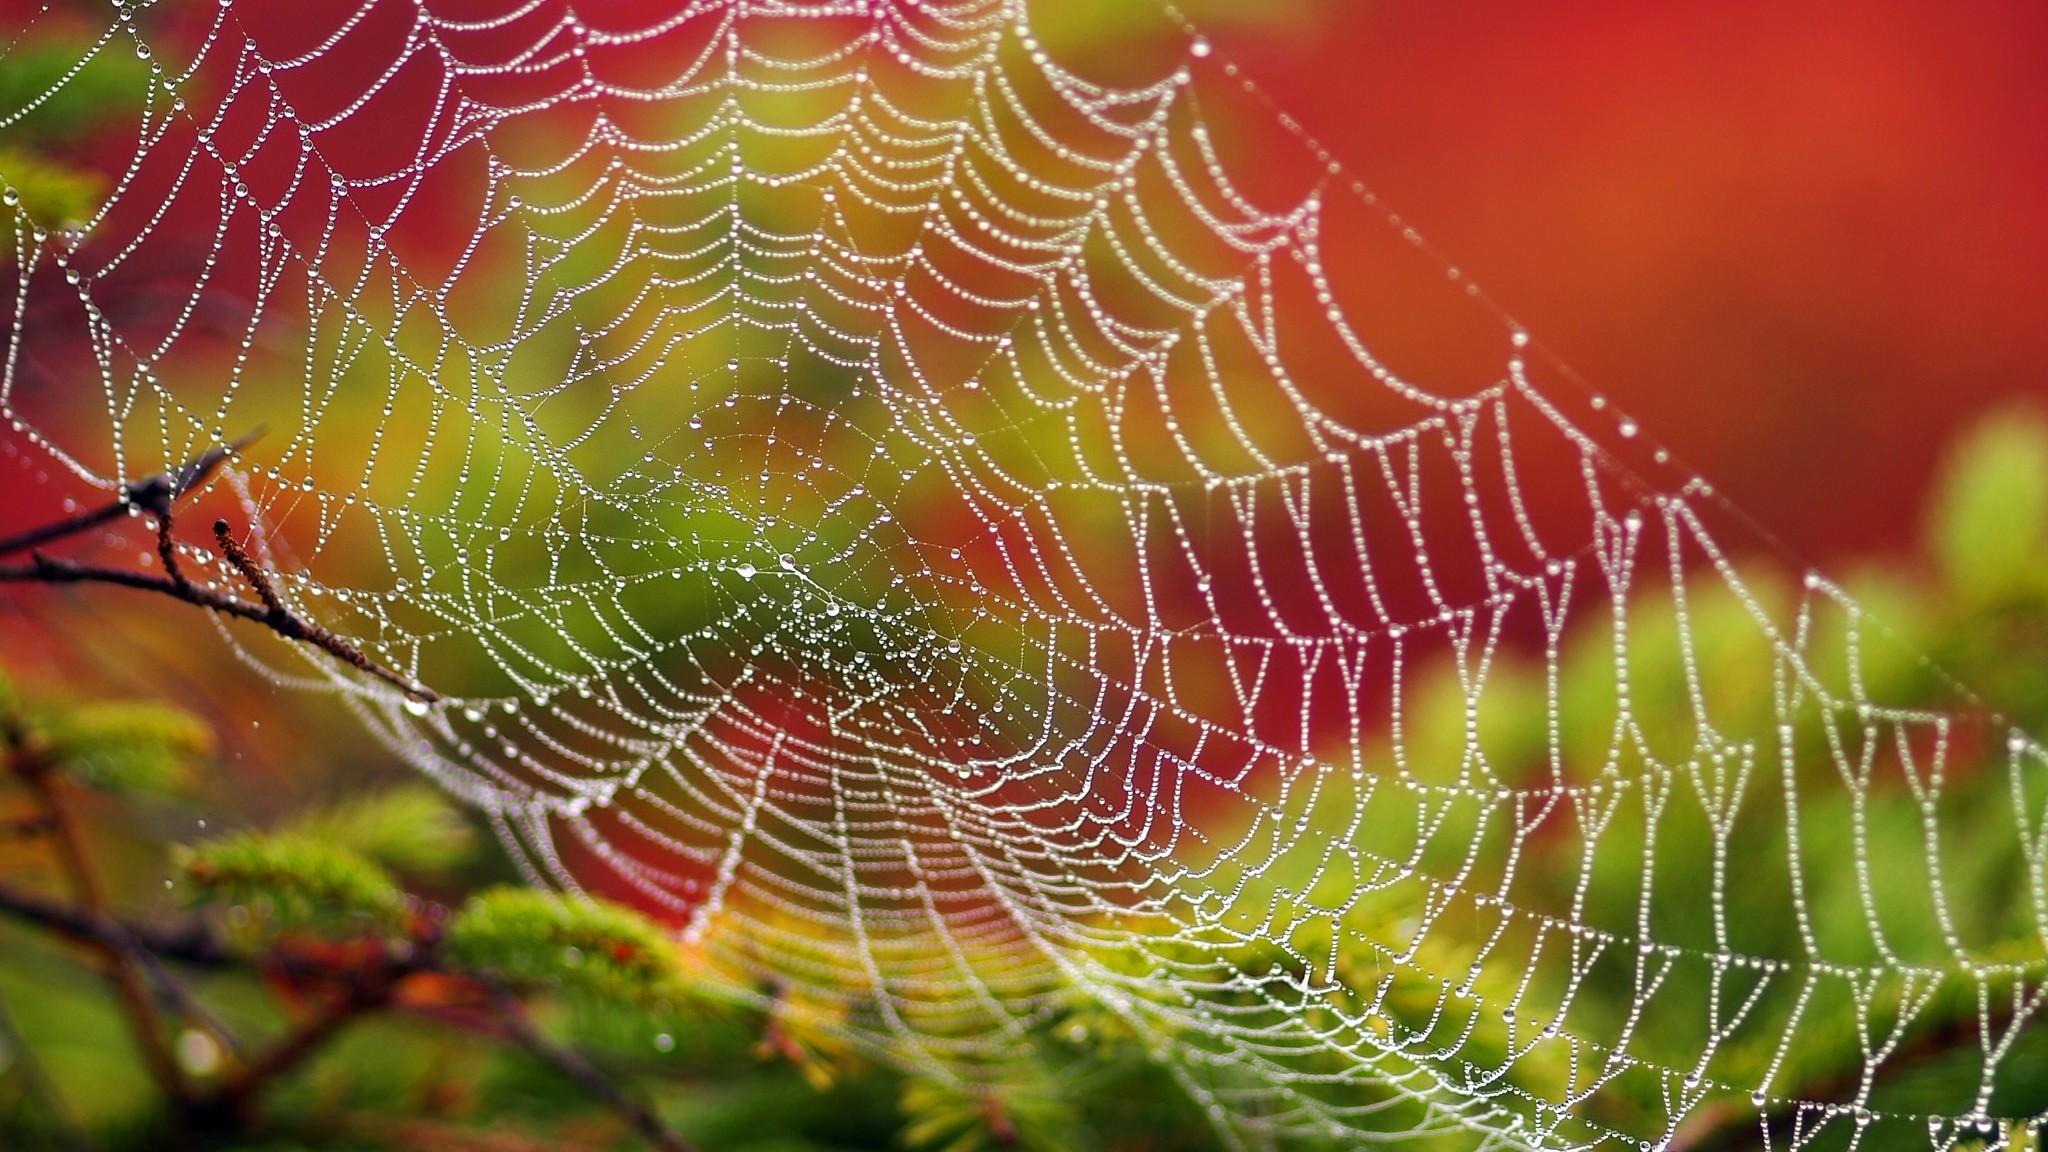 Wallpaper spider web, drops, dew, close-up